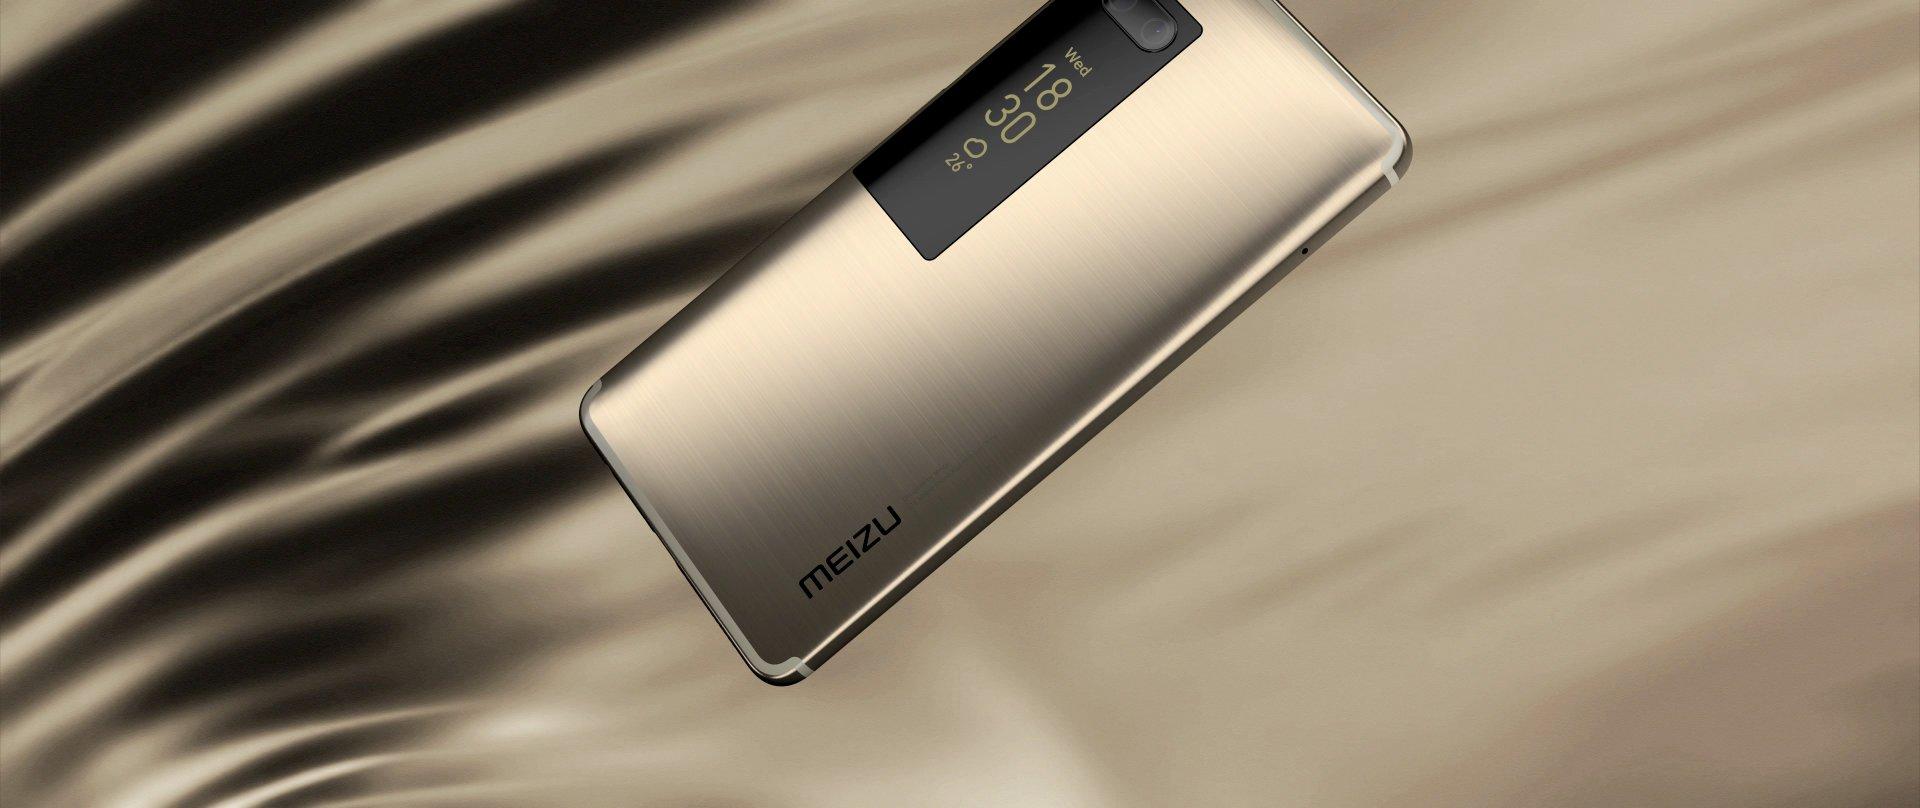 Les Meizu Pro 7 et Pro 7 Plus bientôt commercialisés en Europe ?